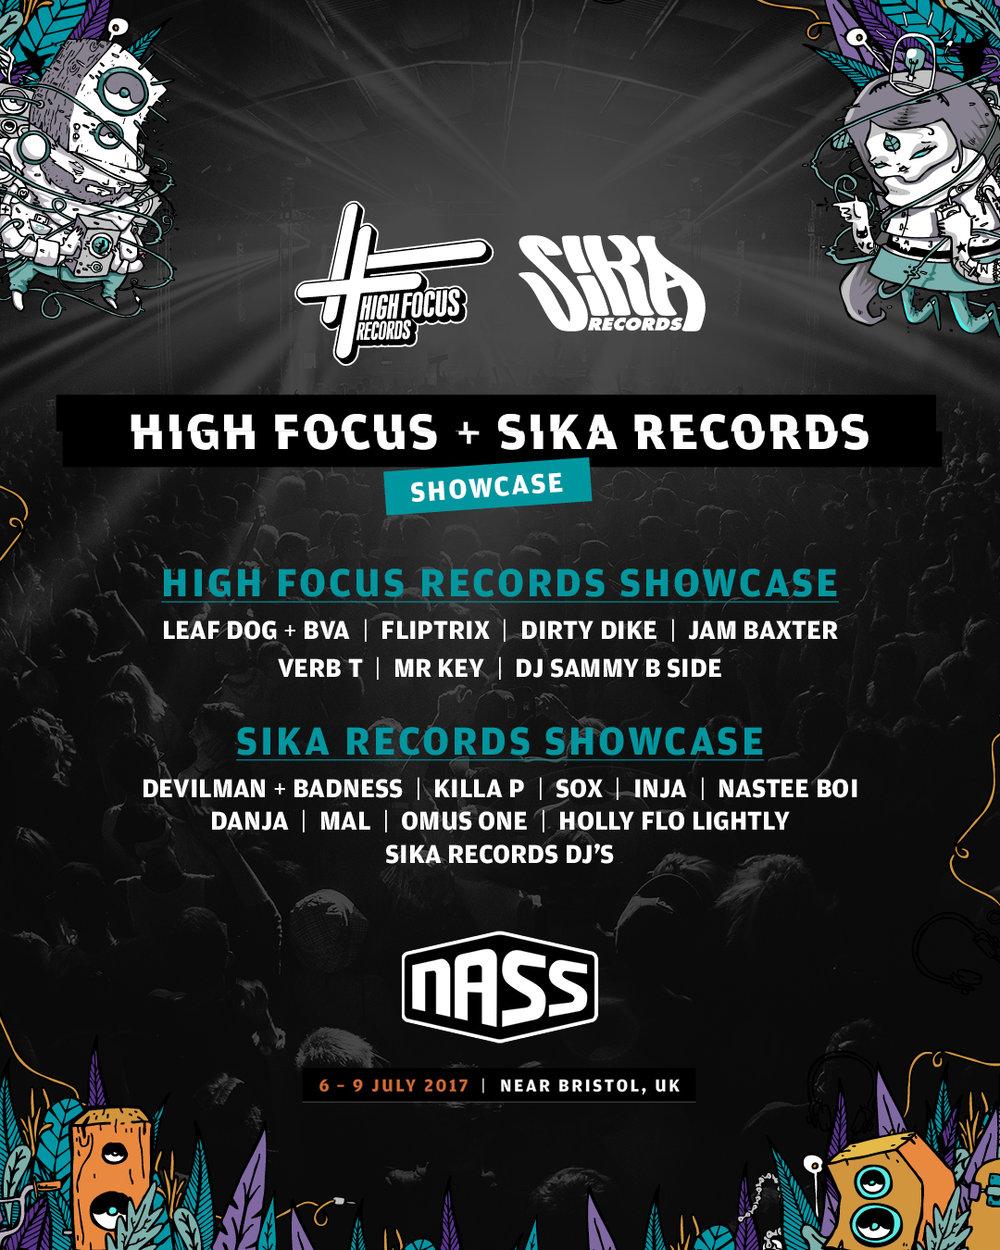 HF at Nass Festival